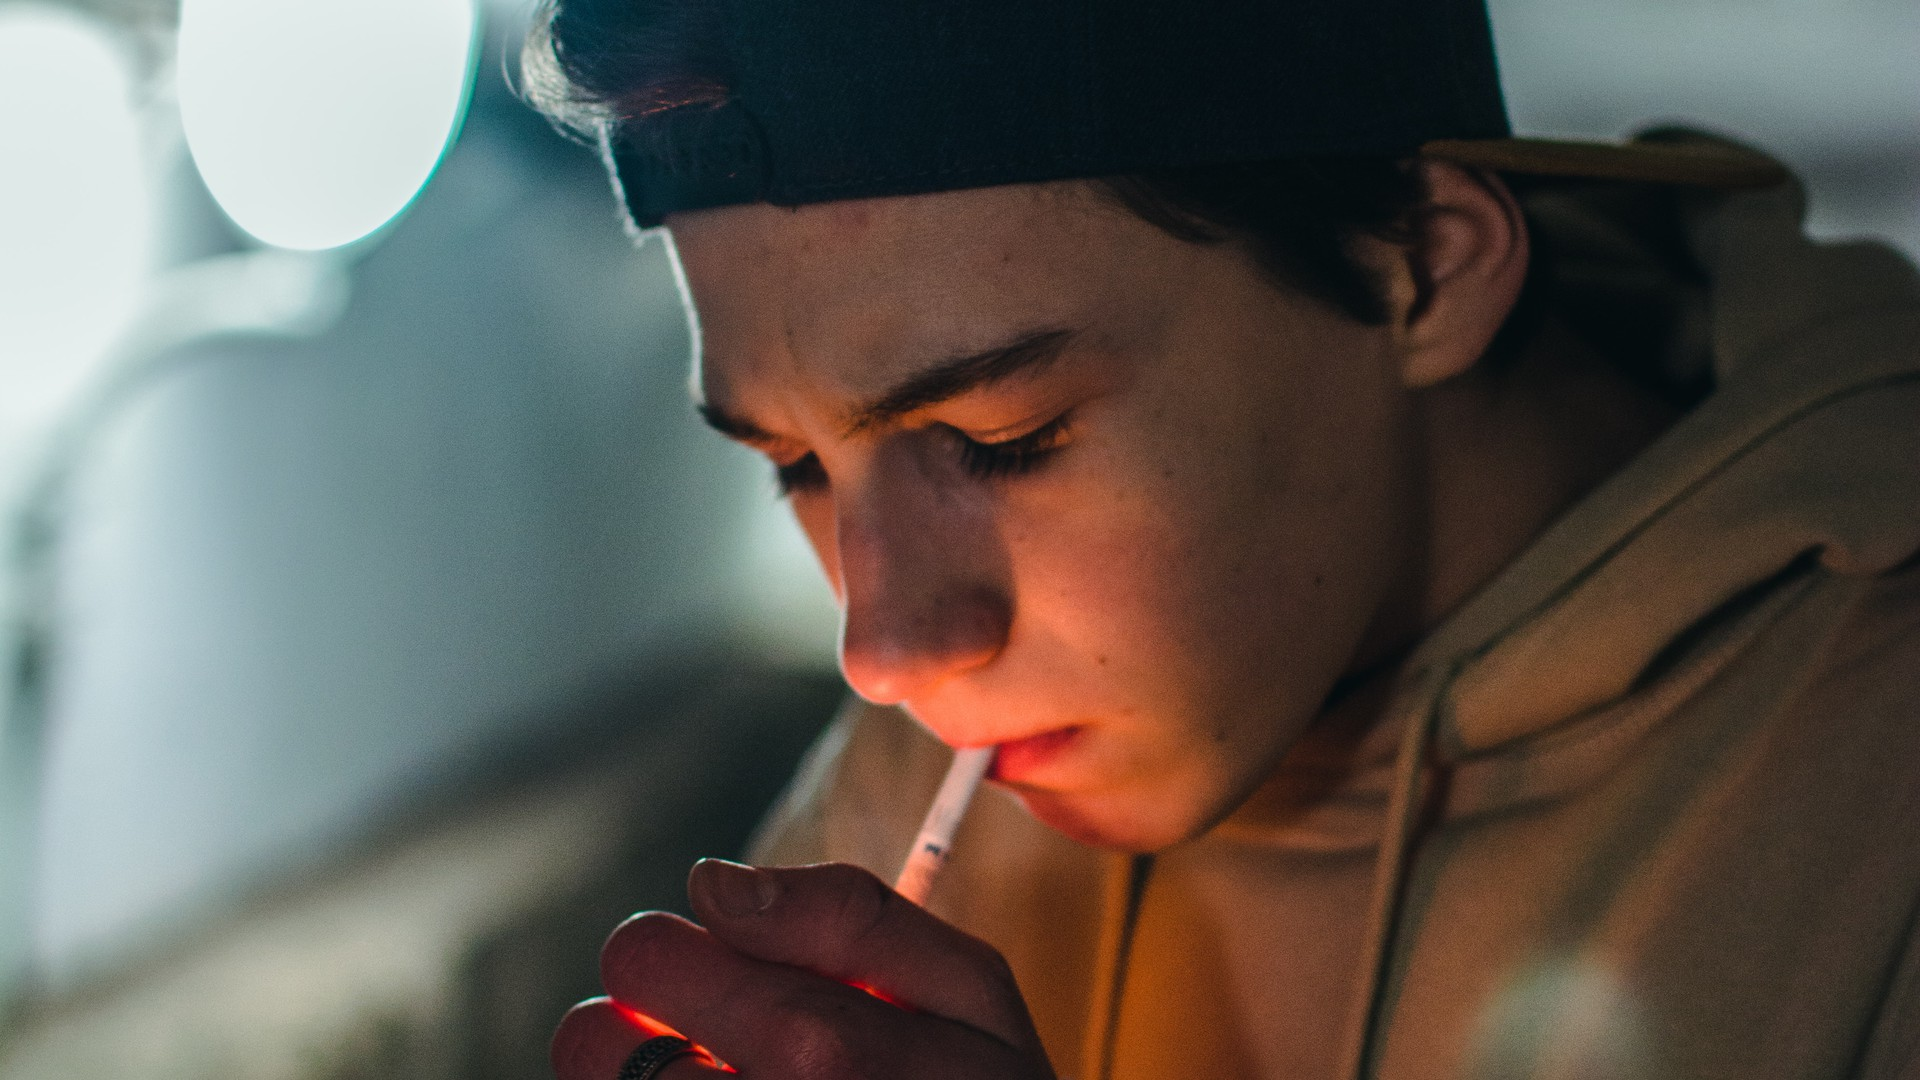 Jugendlicher Raucher zündet sich eine Zigarette an